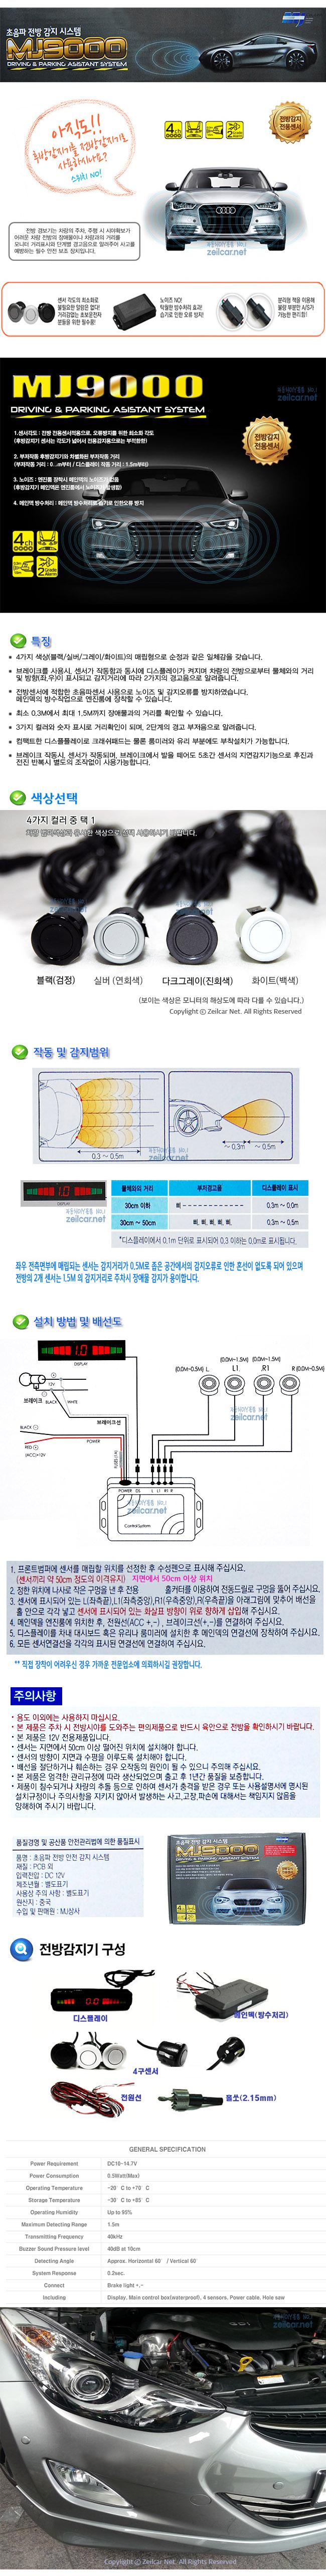 [전방센서] 4구 매립형 전방감지기-MJ9000(4채널)